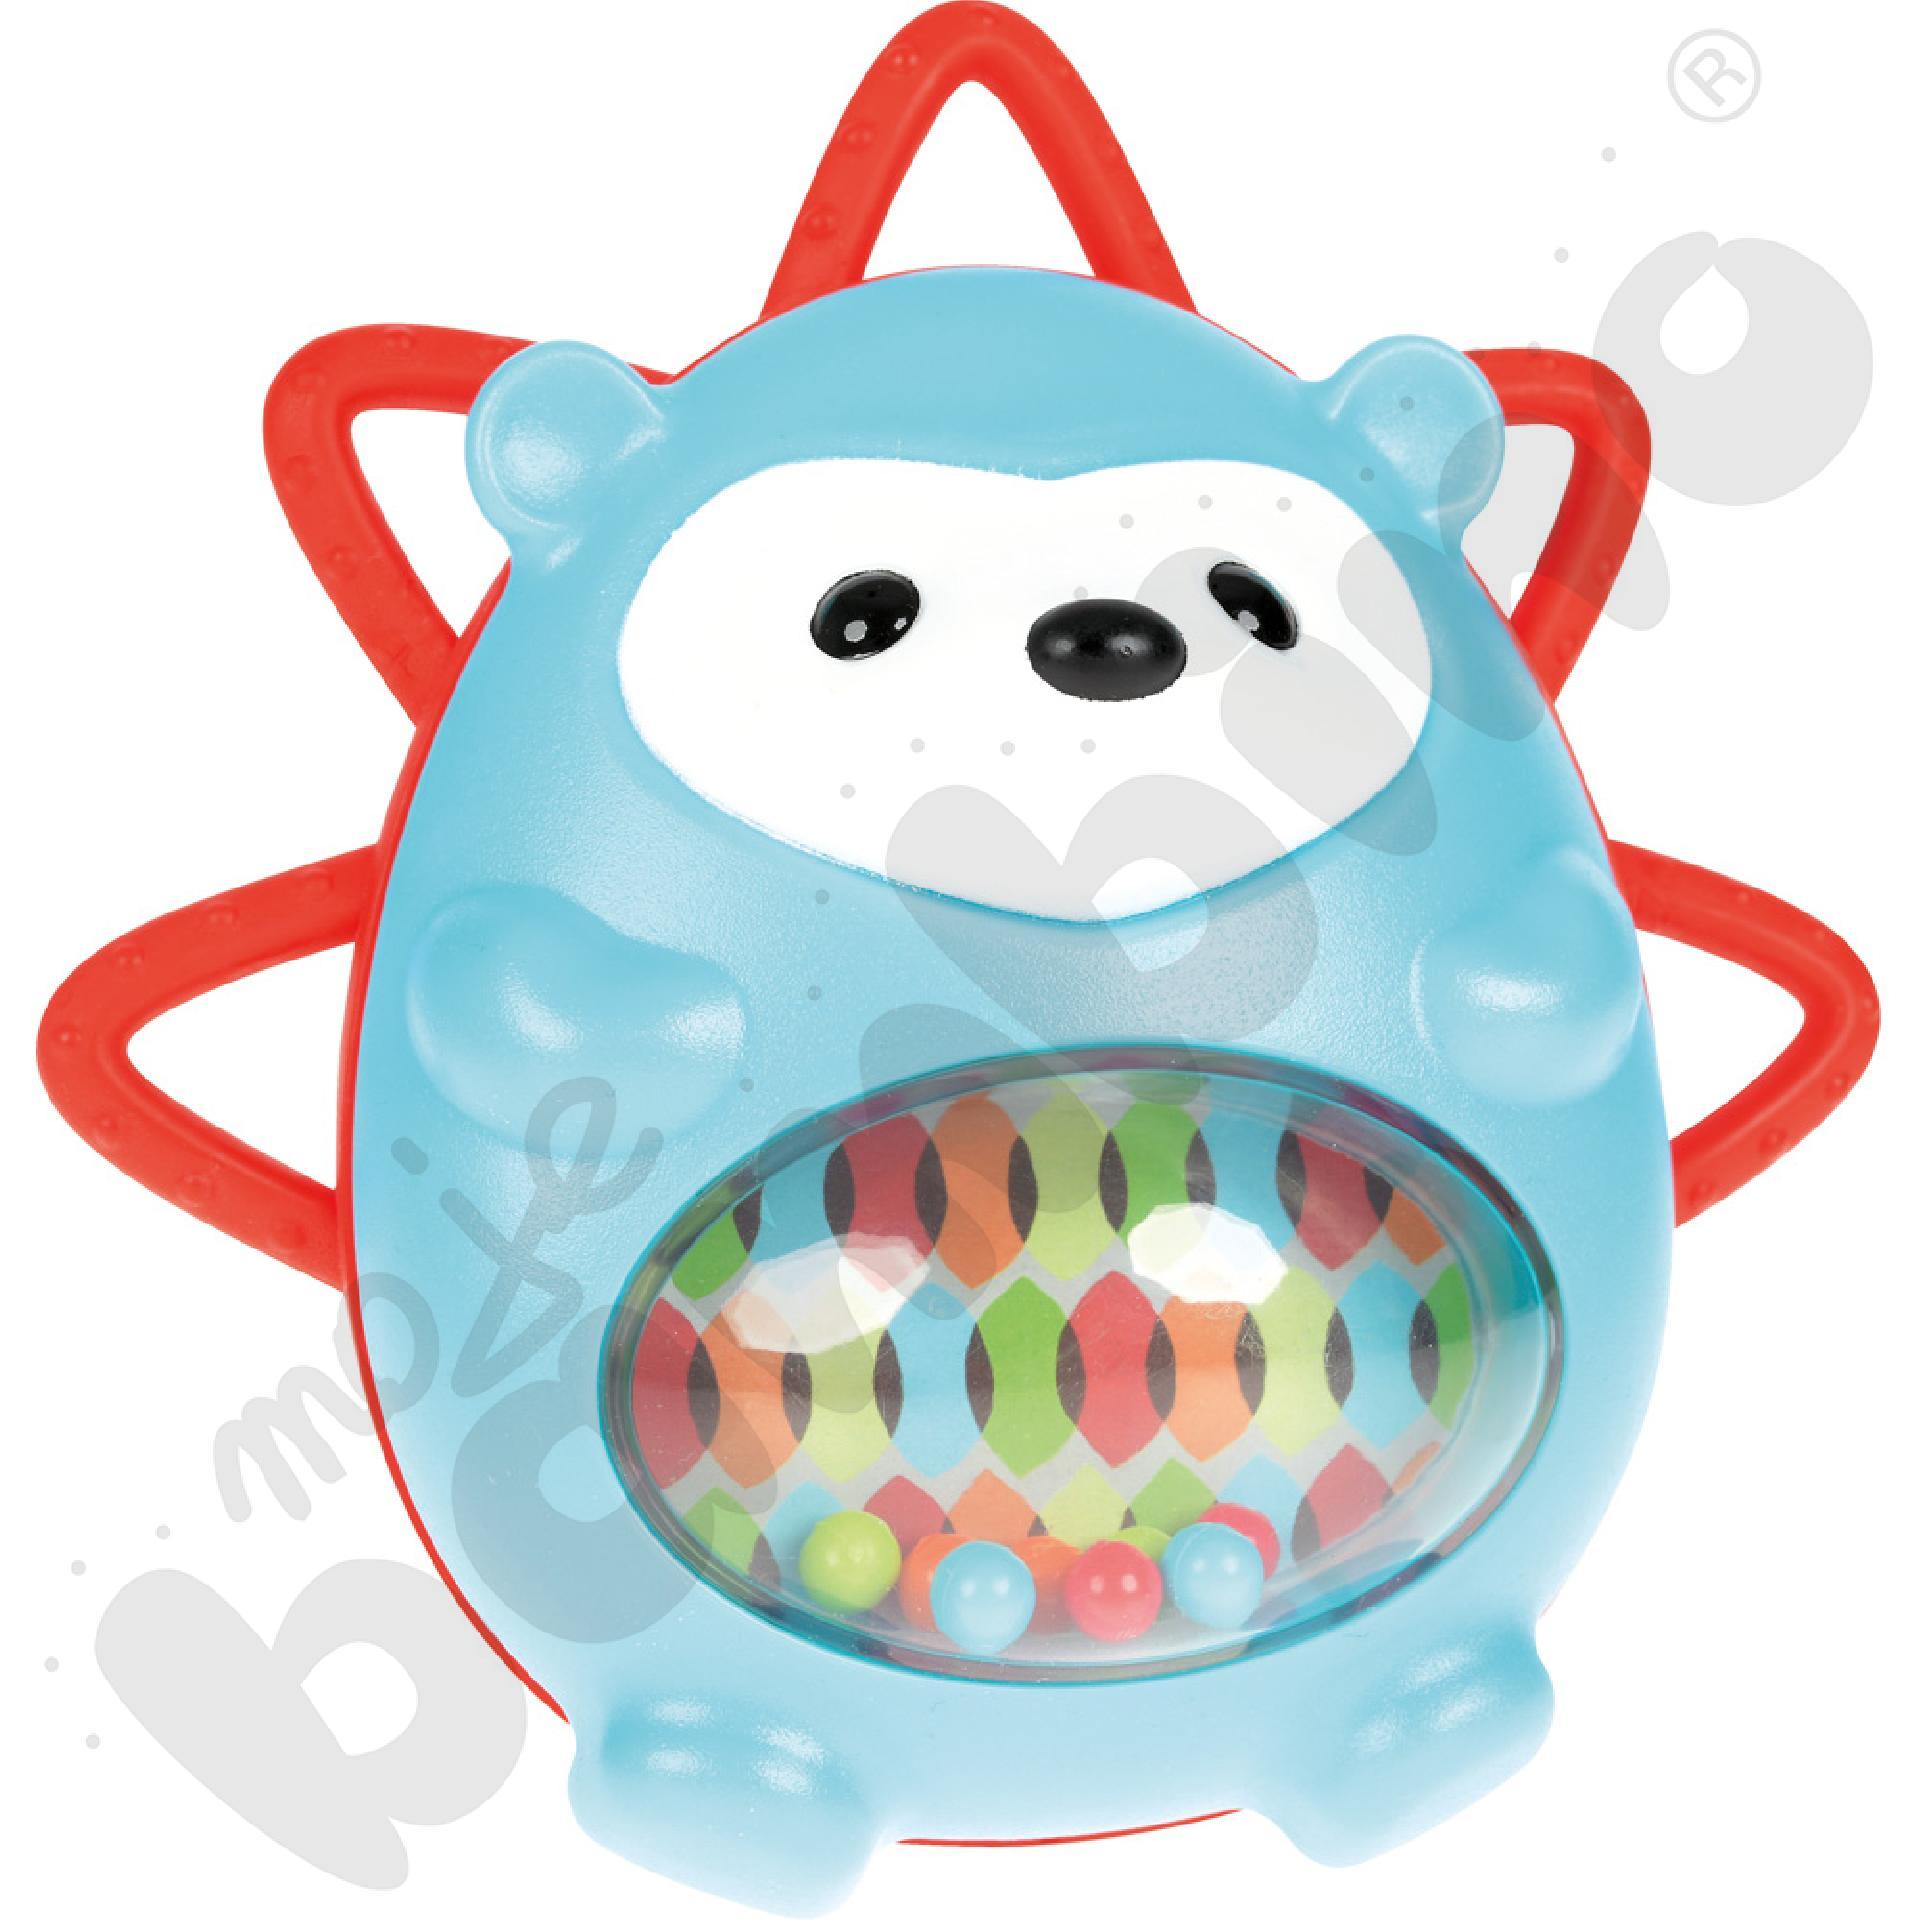 Zabawka Jeżyk Klik Klakaaa